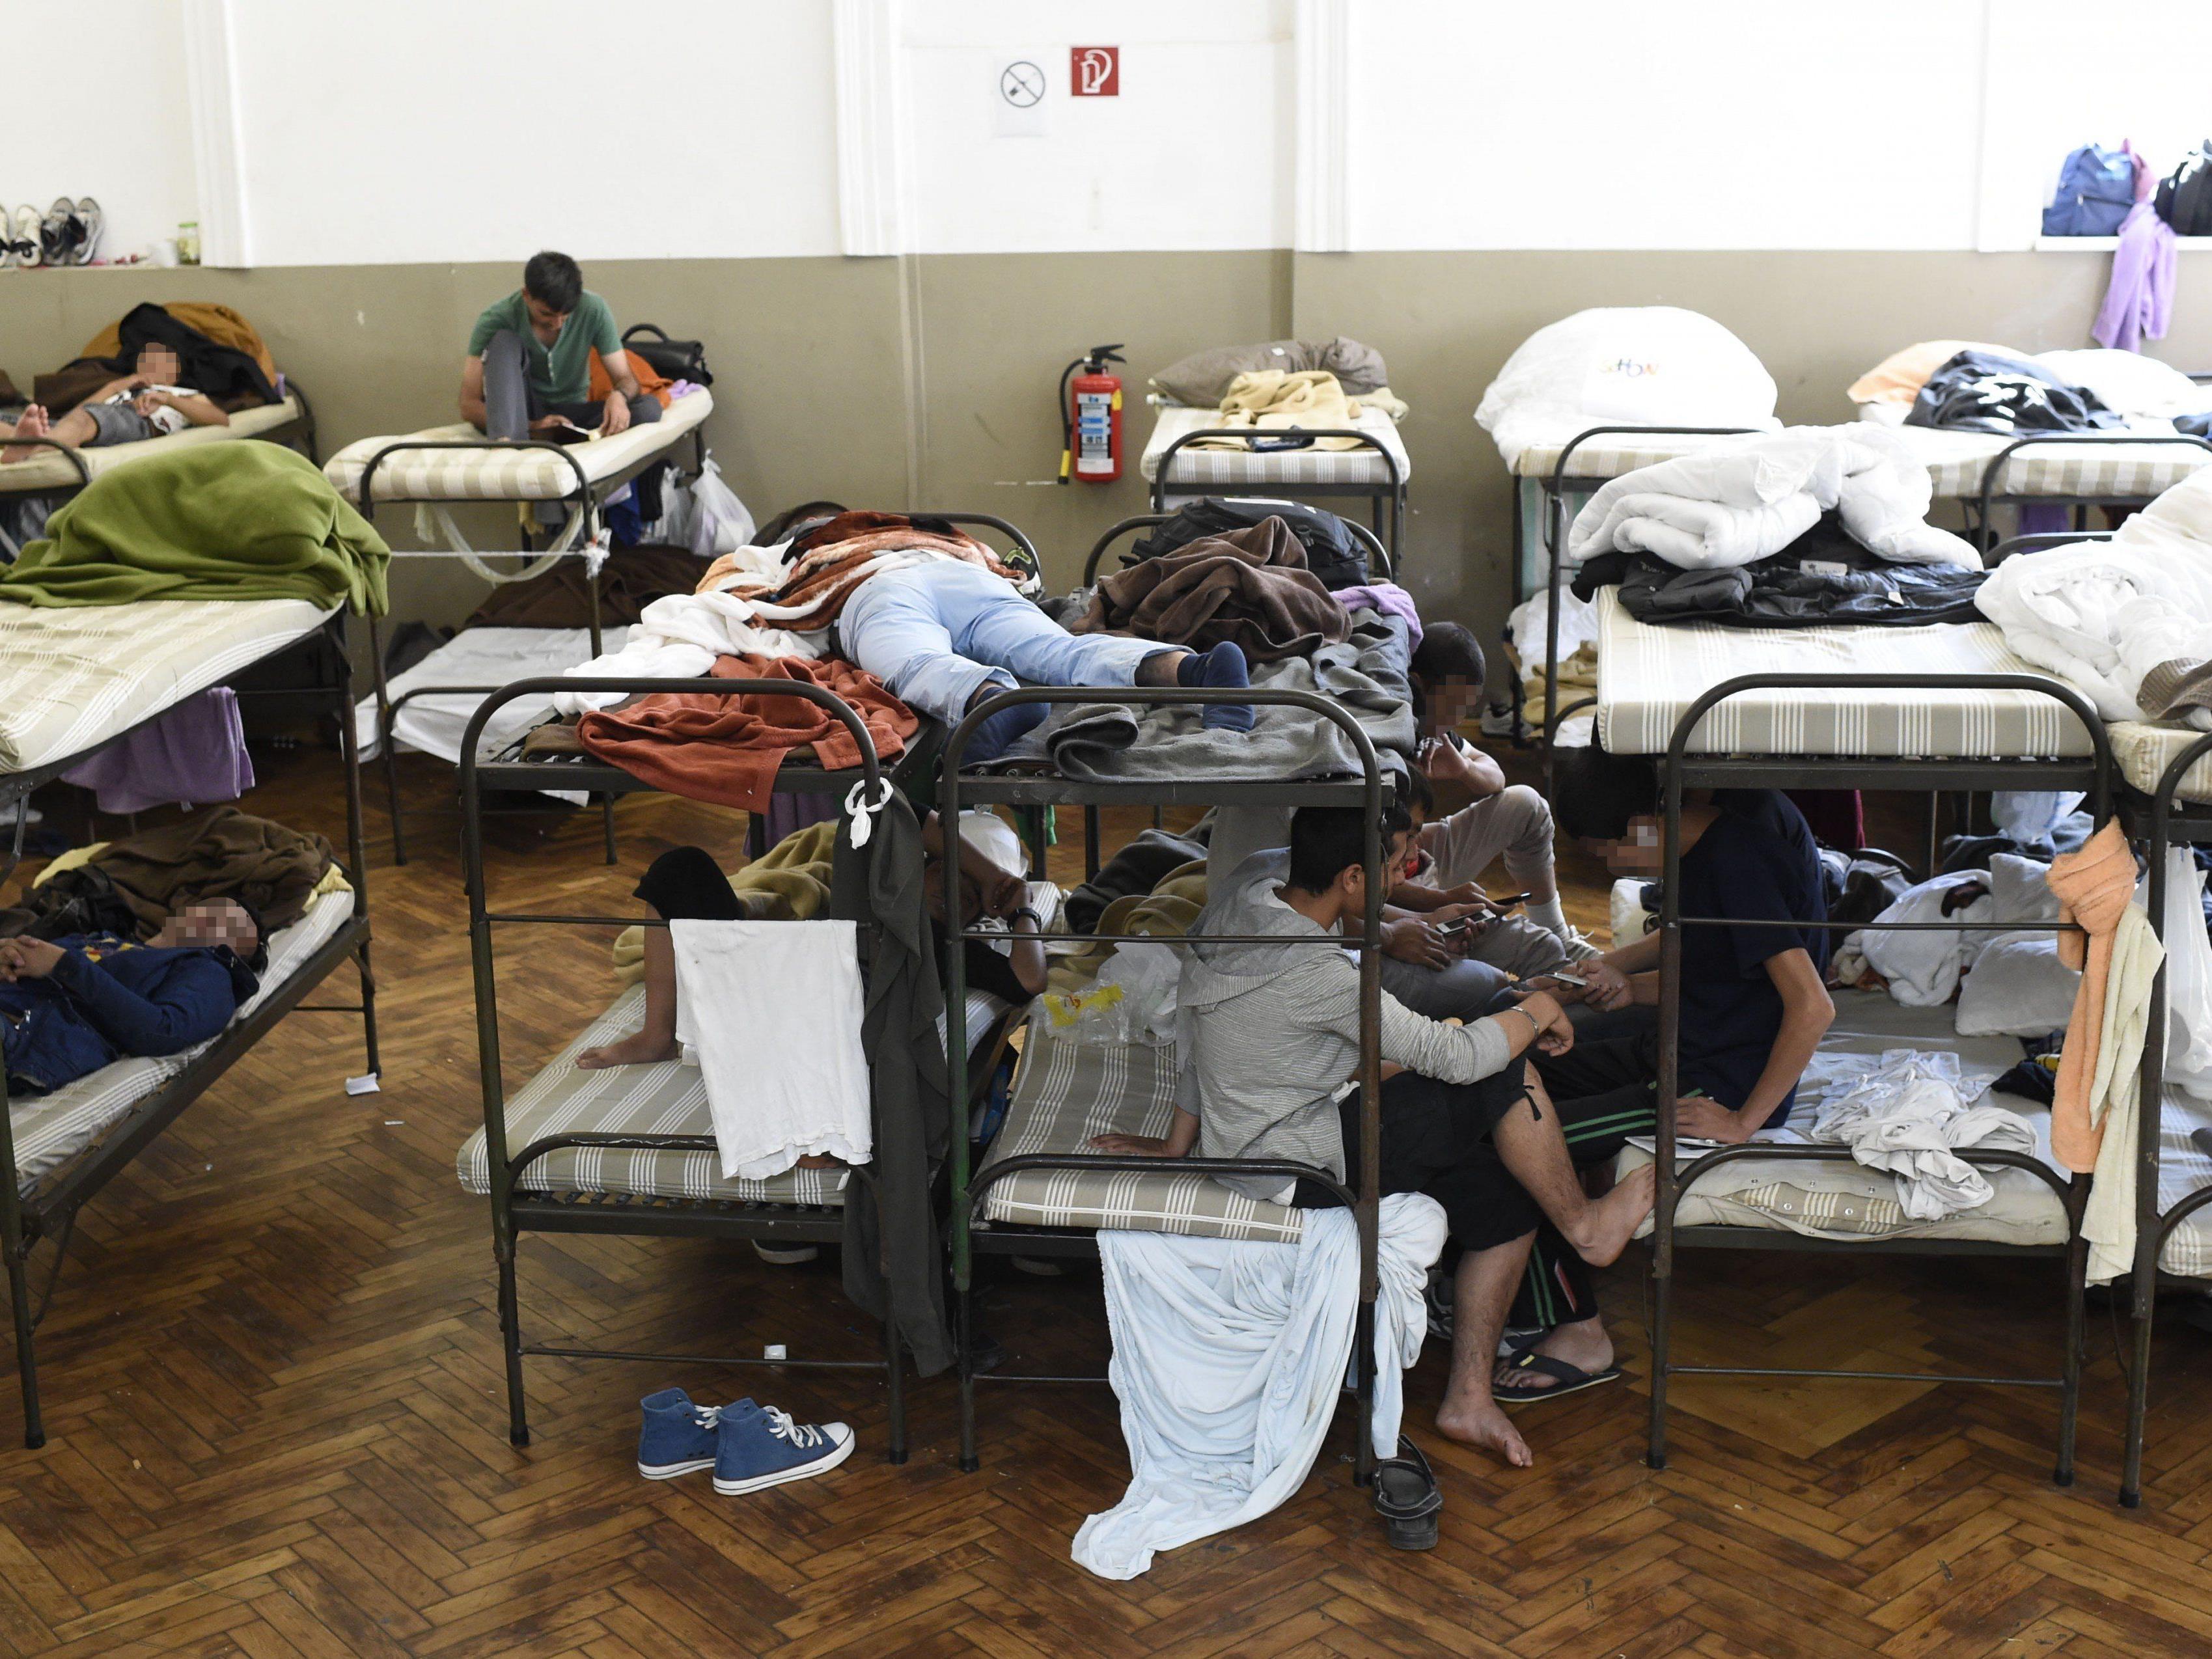 Traiskirchen wird keine weiteren Flüchtlinge aufnehmen.